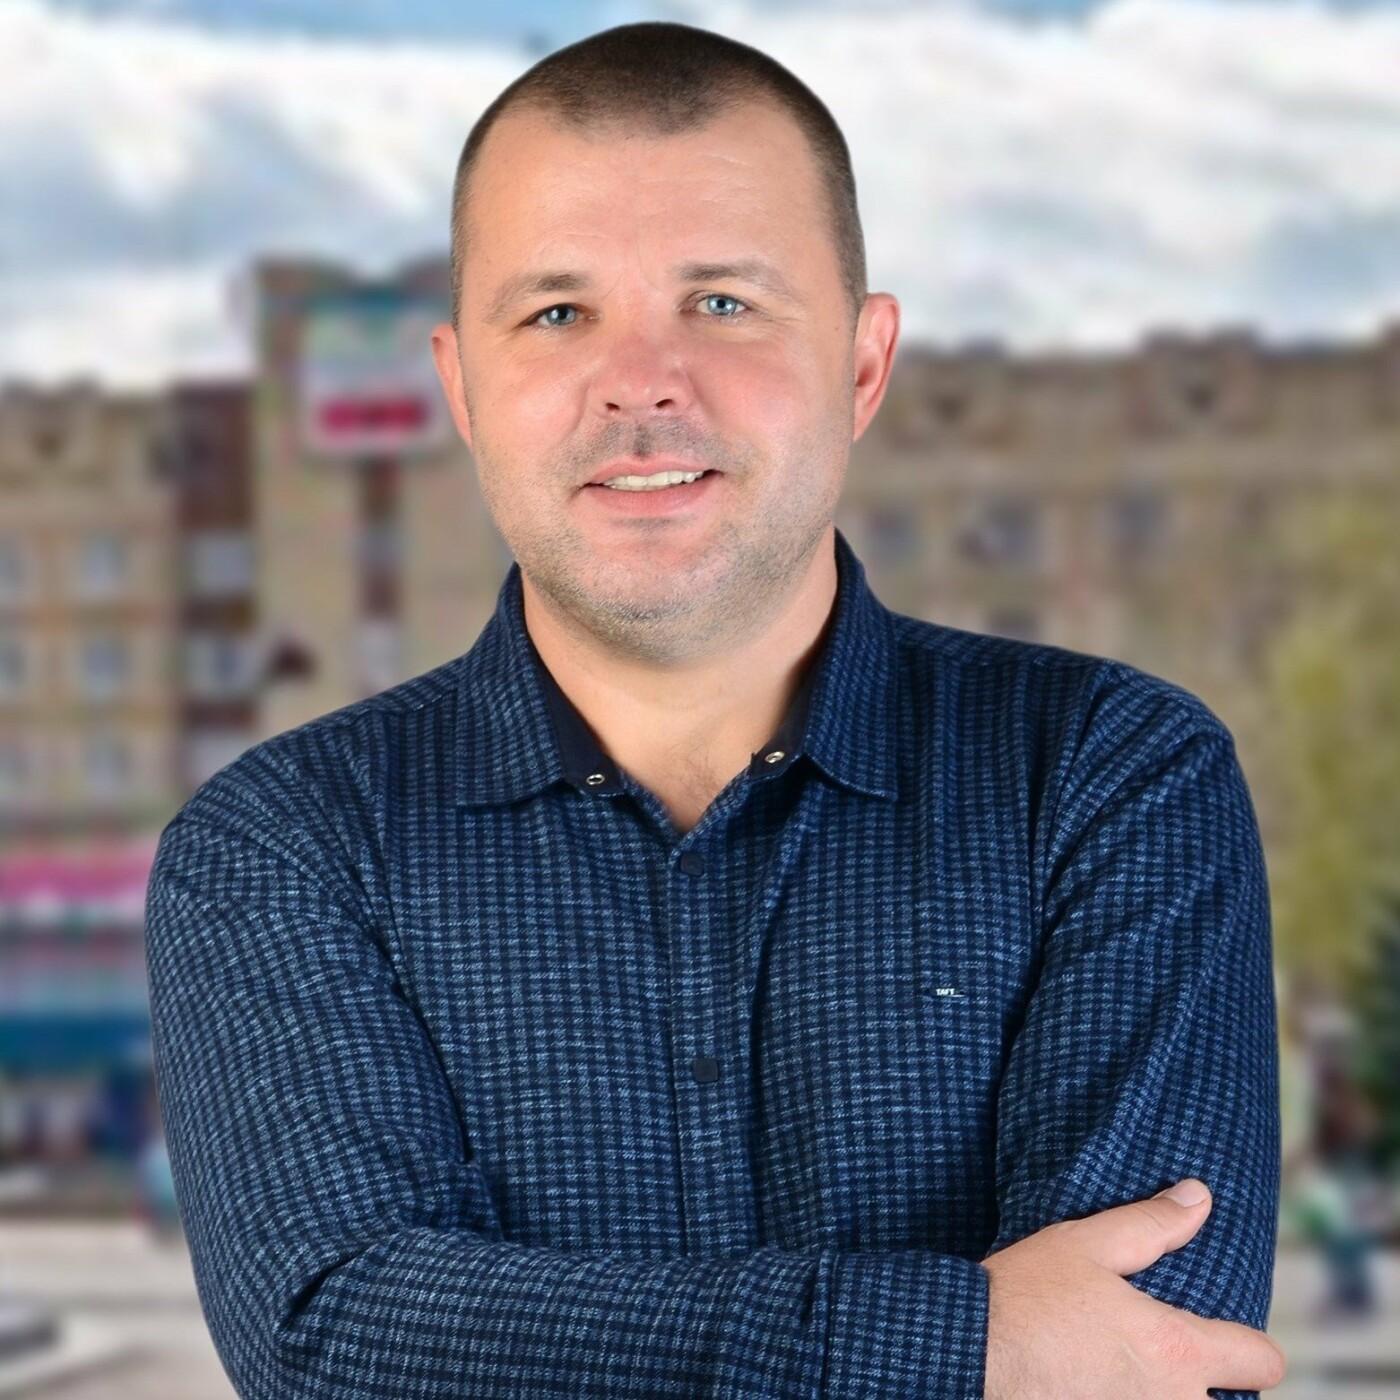 Євген Недосєка, фото з фейсбуку